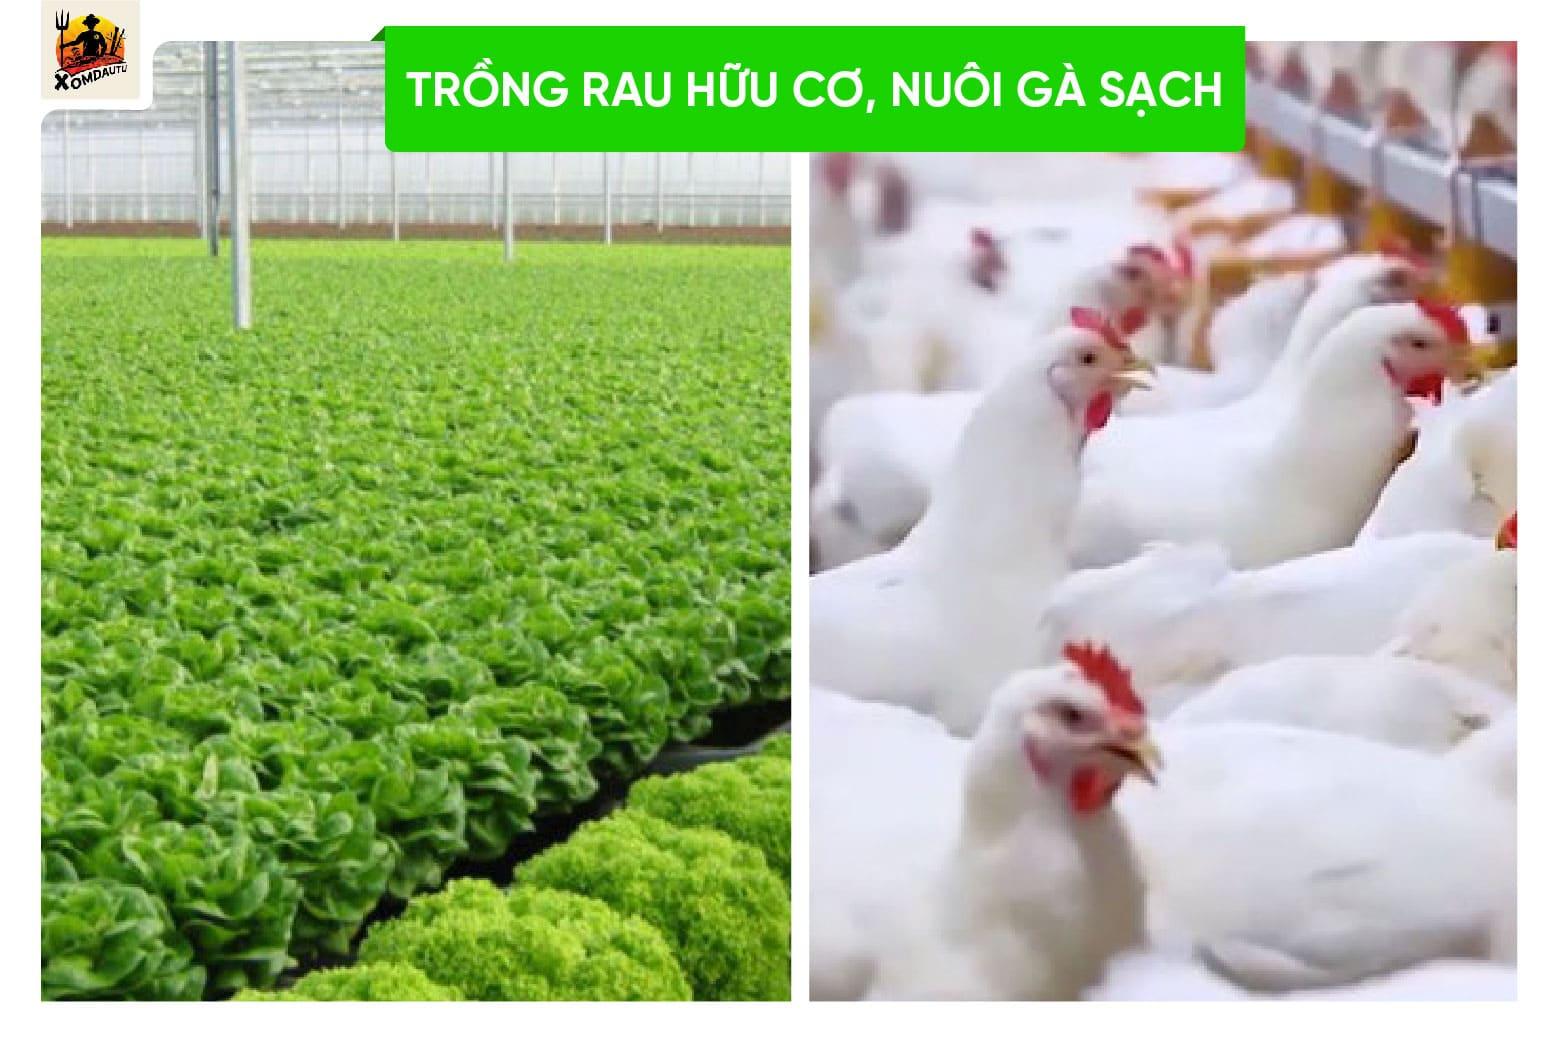 Nuoi Ga Sach Trong Rau Huu Cơ Voi Von 50 Trieu